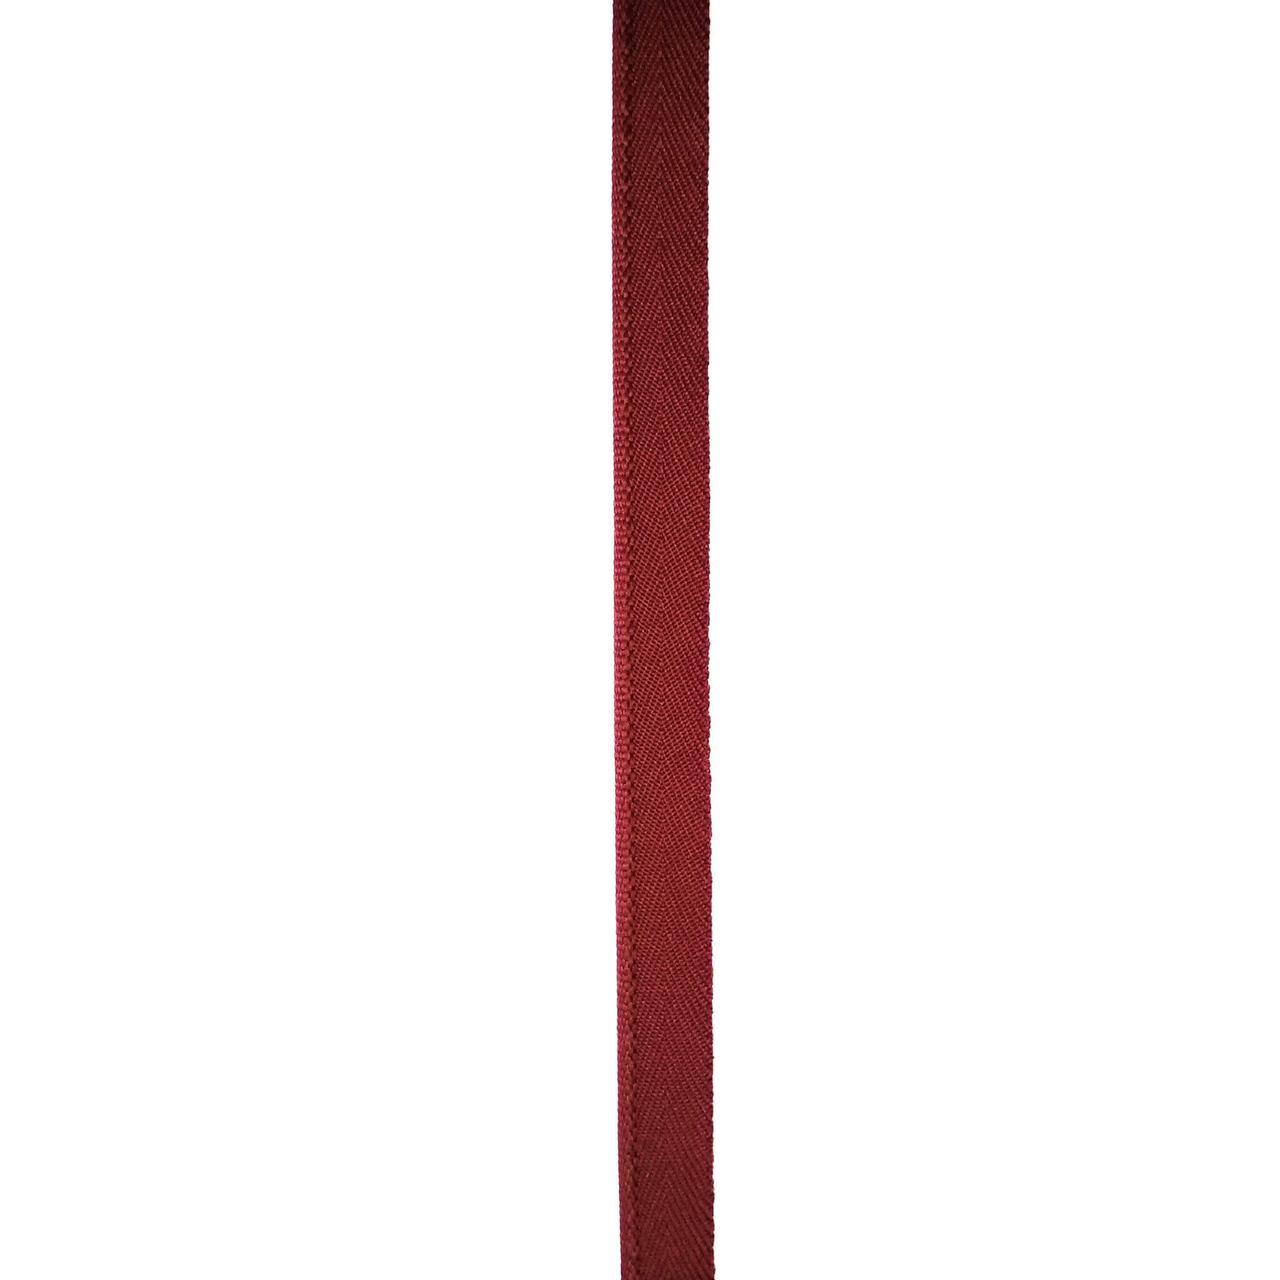 Стрічка бортик 12 мм (200 м/рулон)